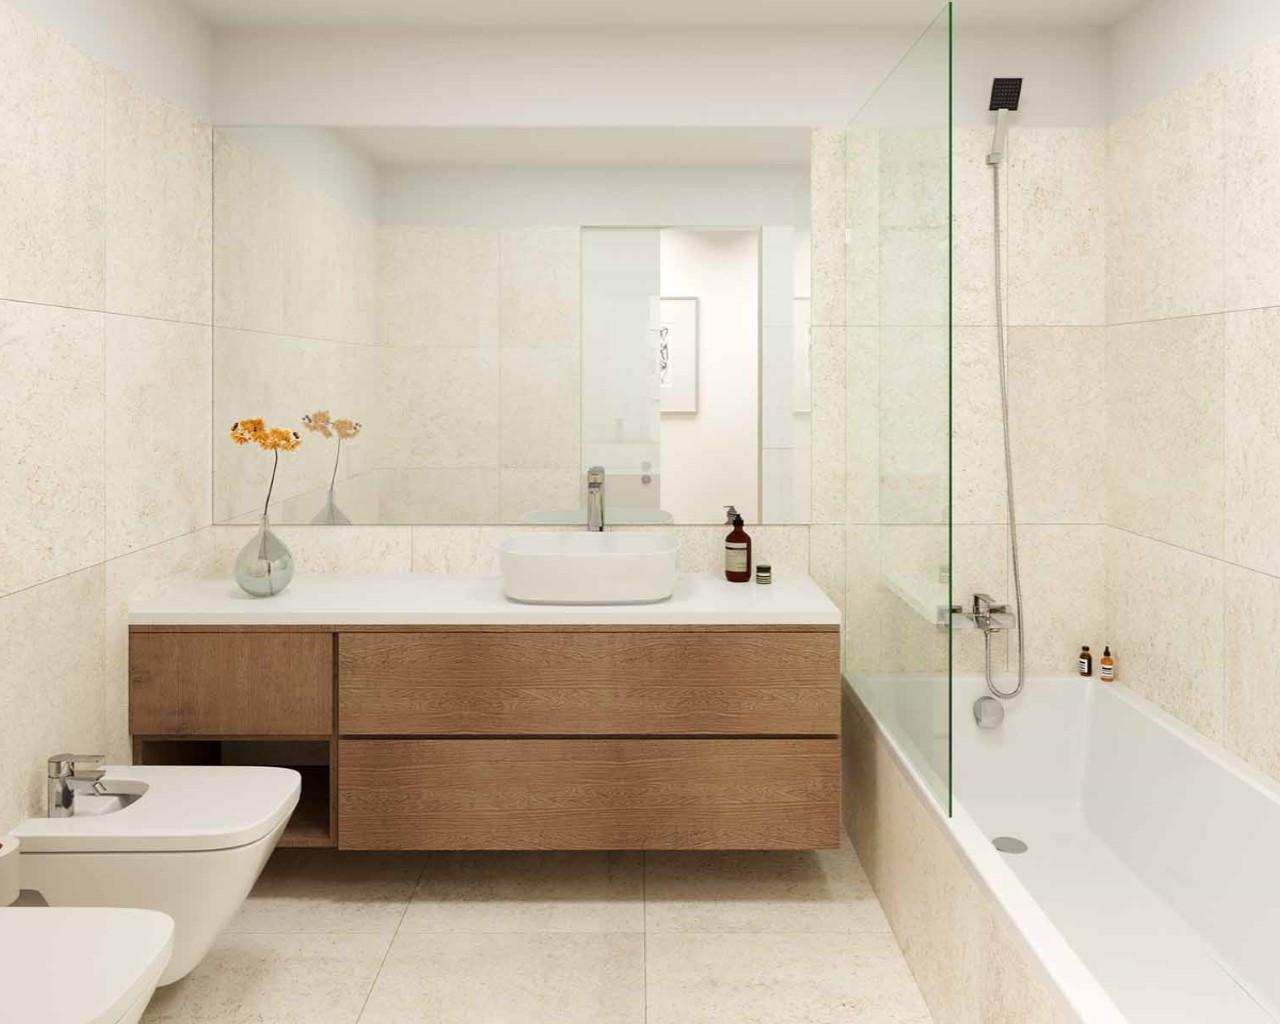 Casa-de-banho - opção serra